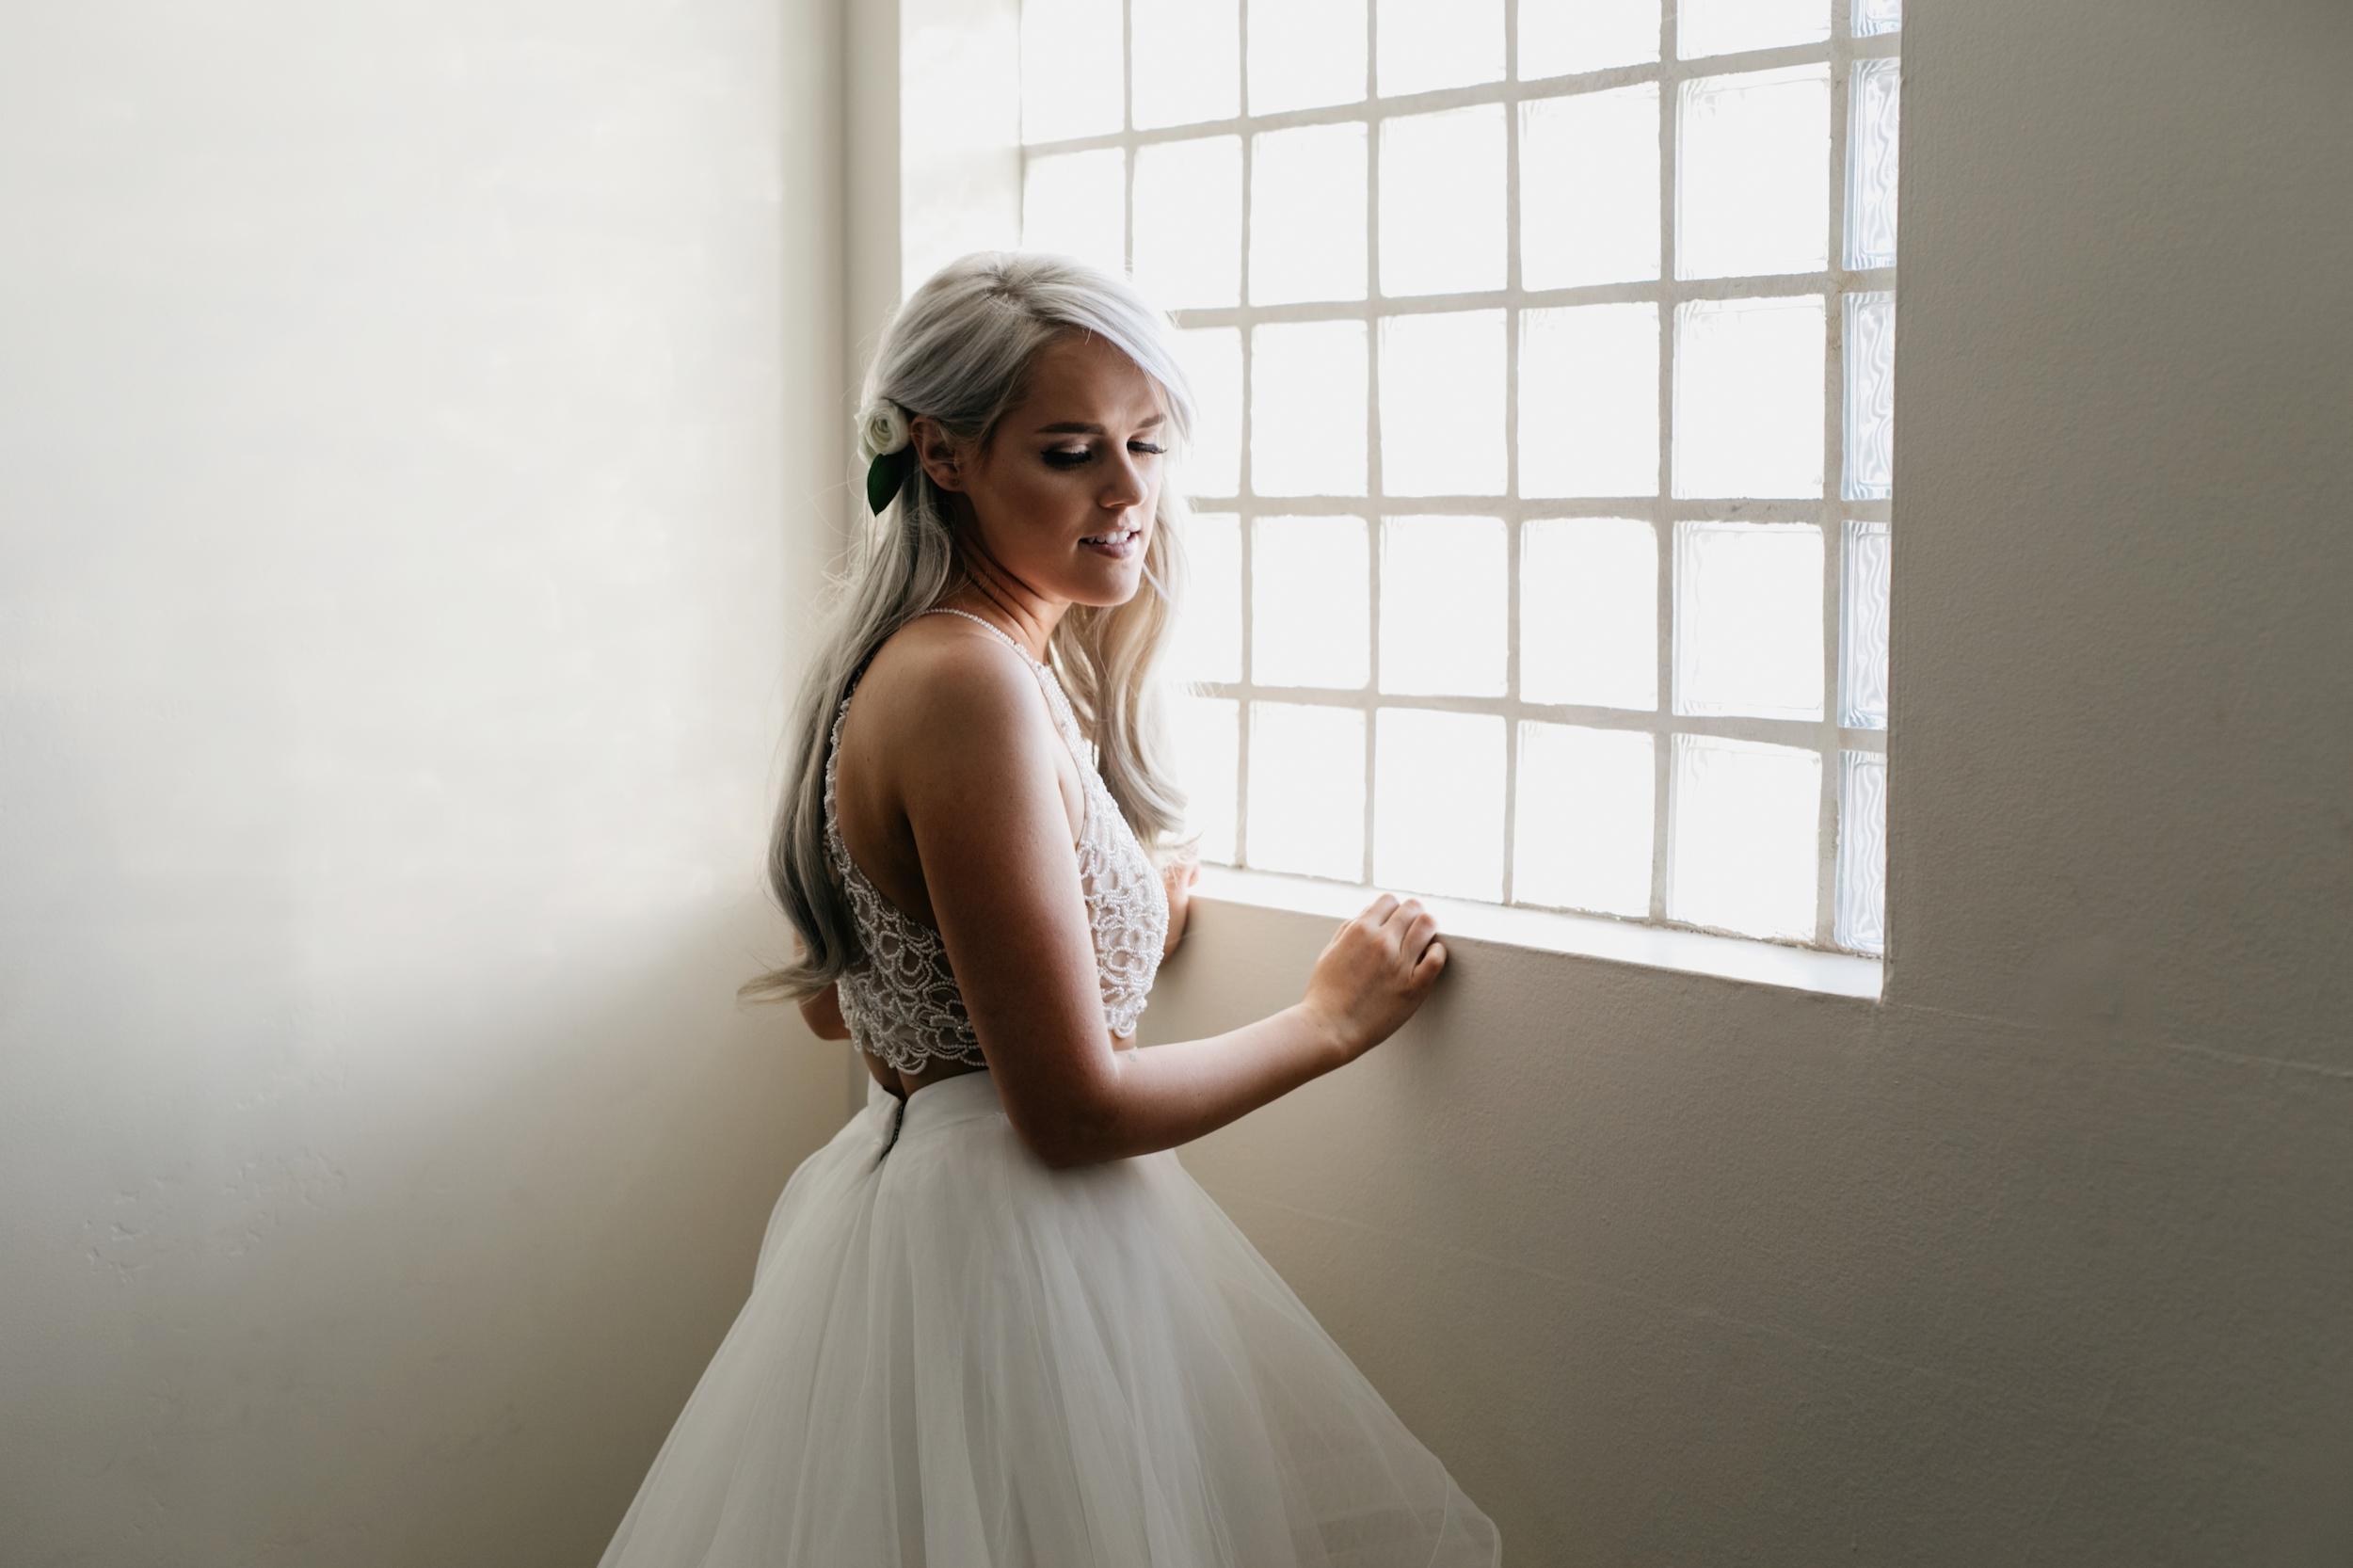 arizona - wedding - photography 01485.jpg